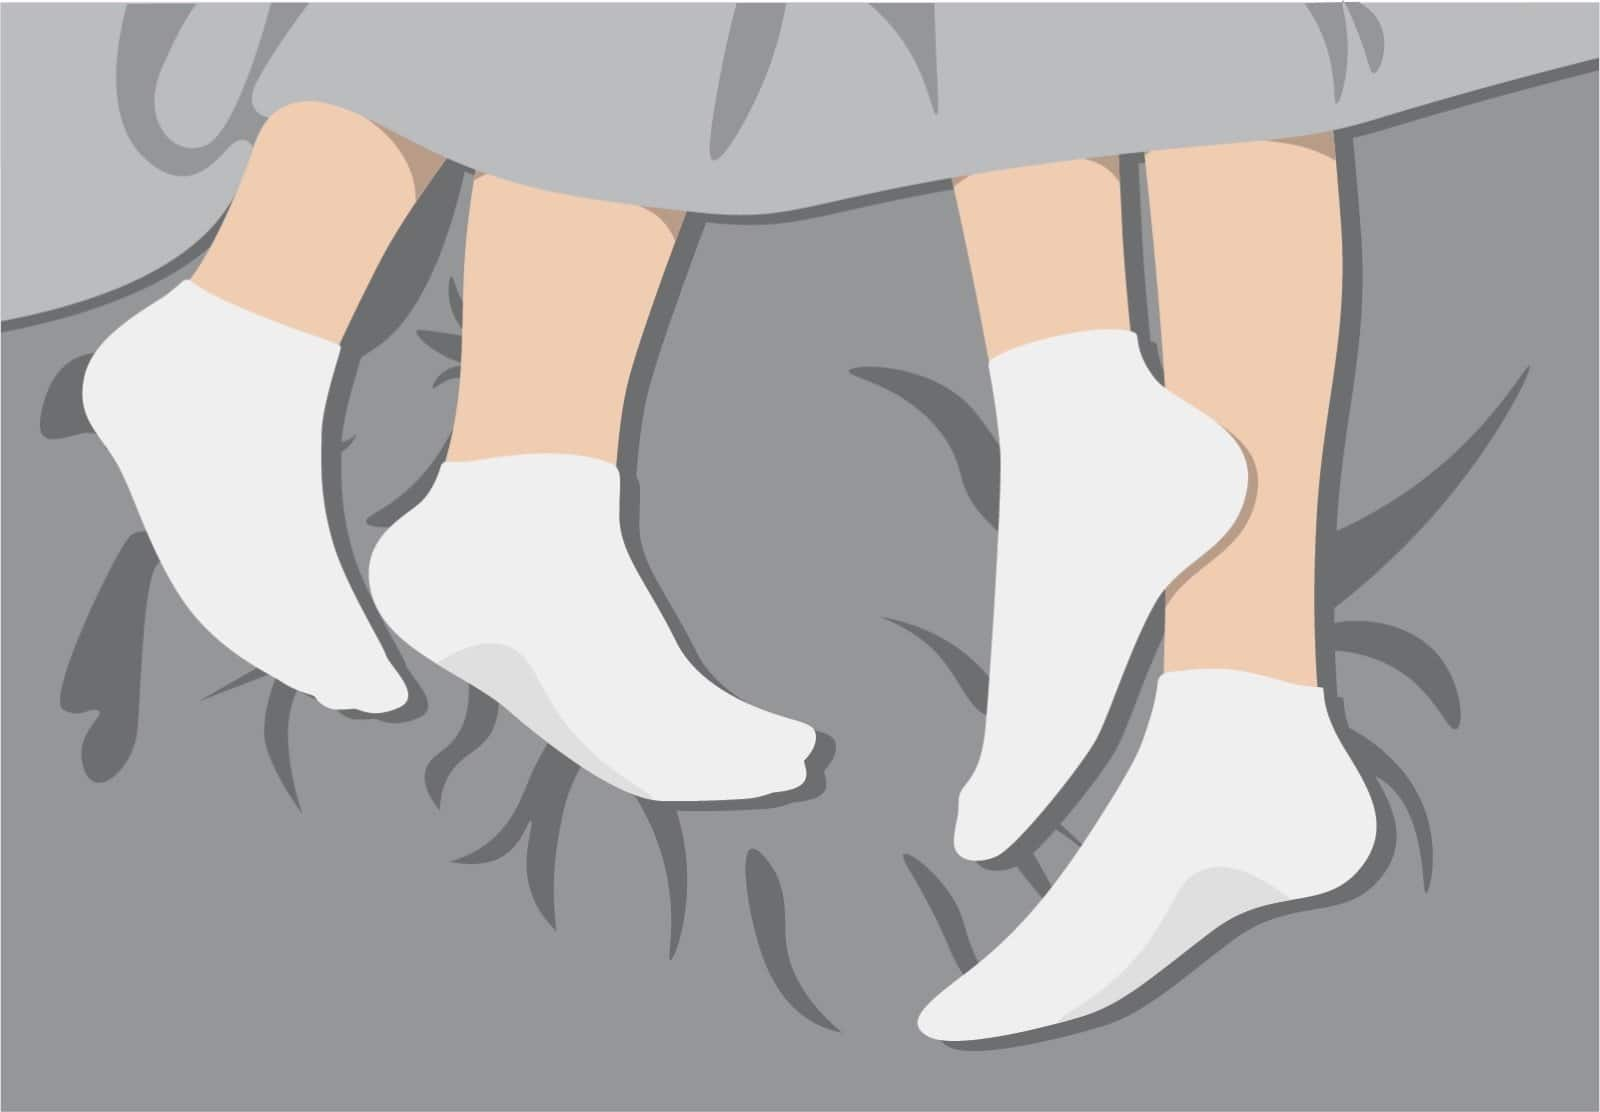 Mit Socken schlafen: Es kann die nächtliche Regulierung der Körpertemperatur fördern.